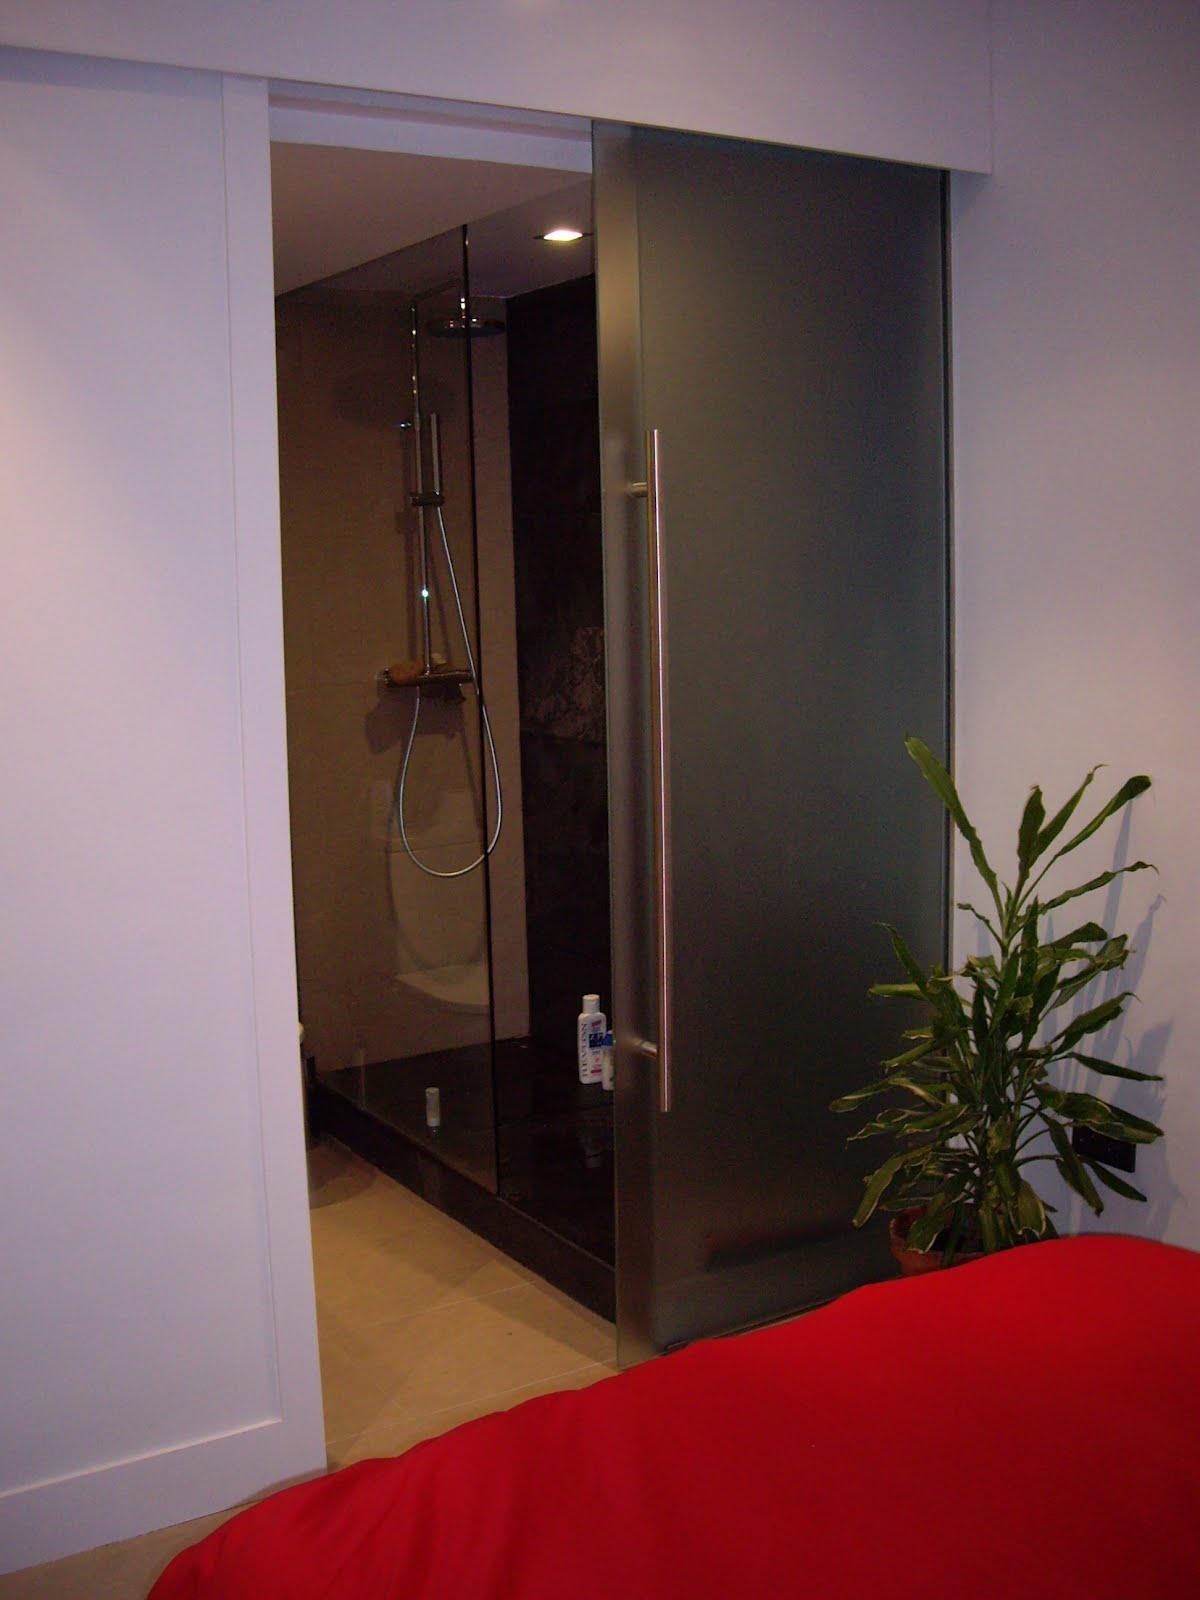 Tu casa en madrid detalles de la vivienda for Tirador embutido puerta corredera